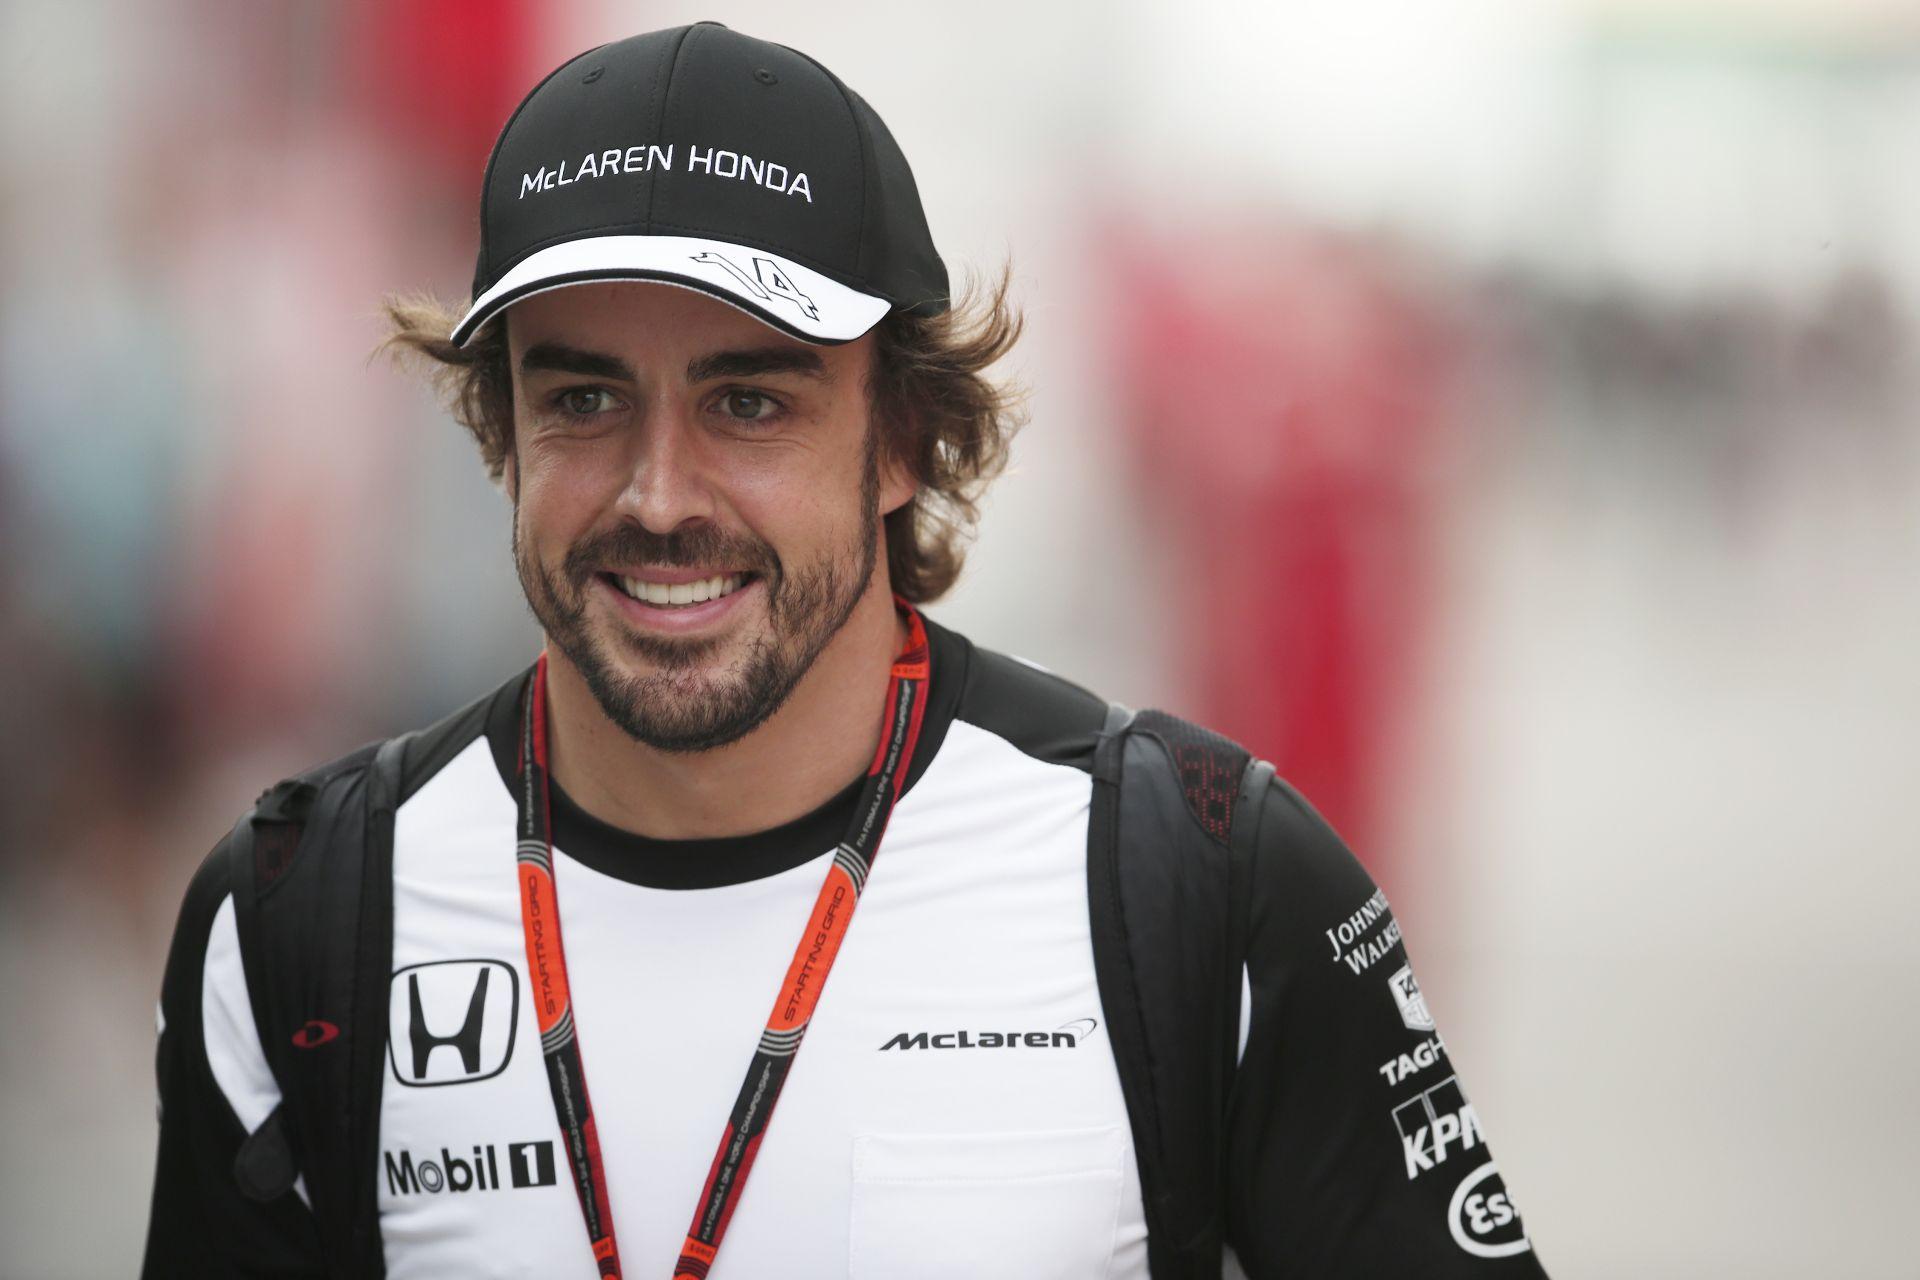 Alonso: Ha tolom az autót, akkor miért nem mehetek vele vissza a pályára?